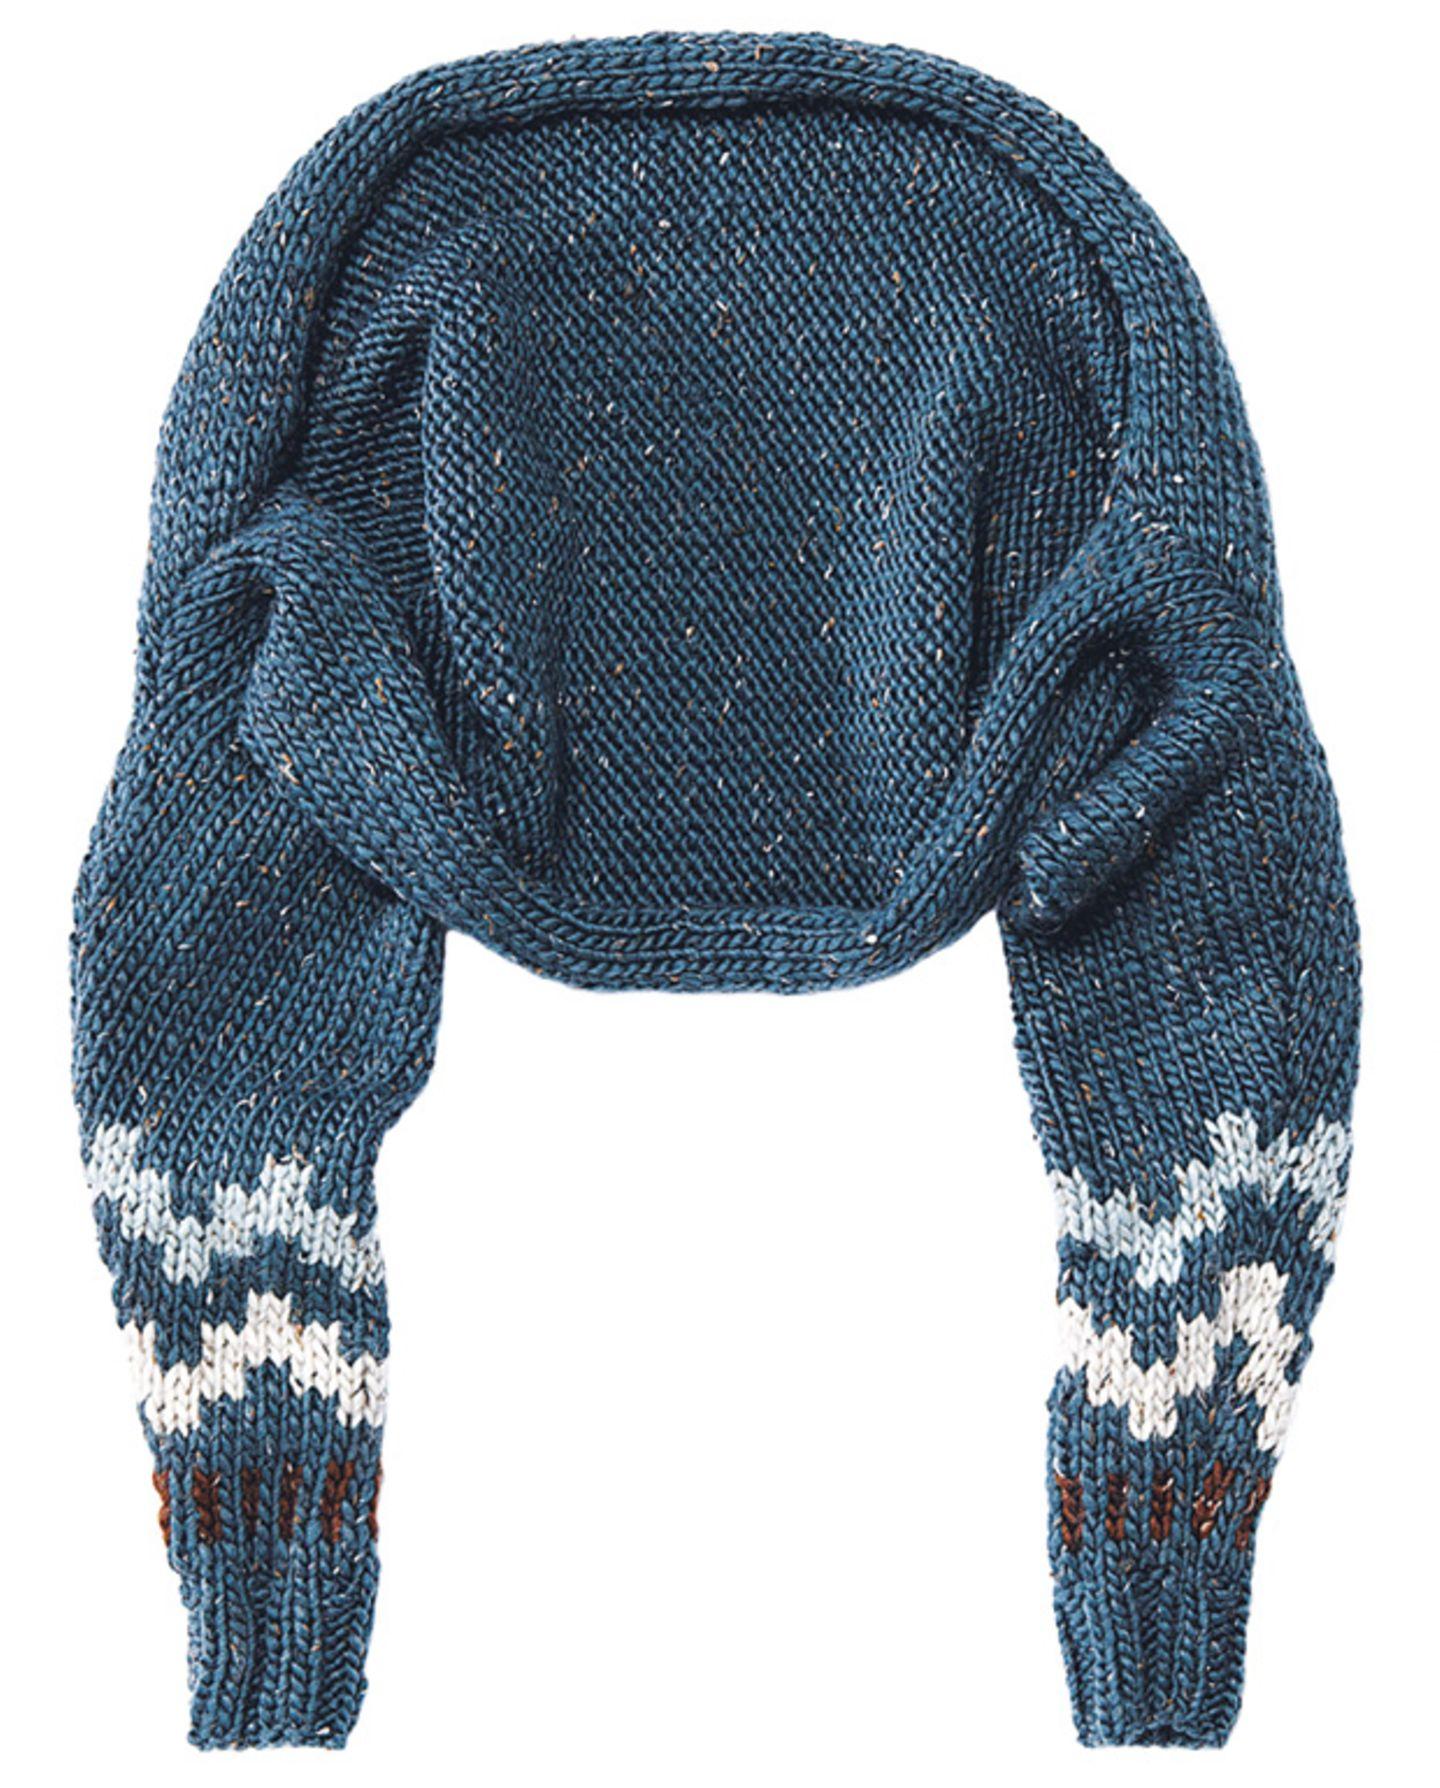 Bolero mit Muster stricken - Anleitung und Schnitt